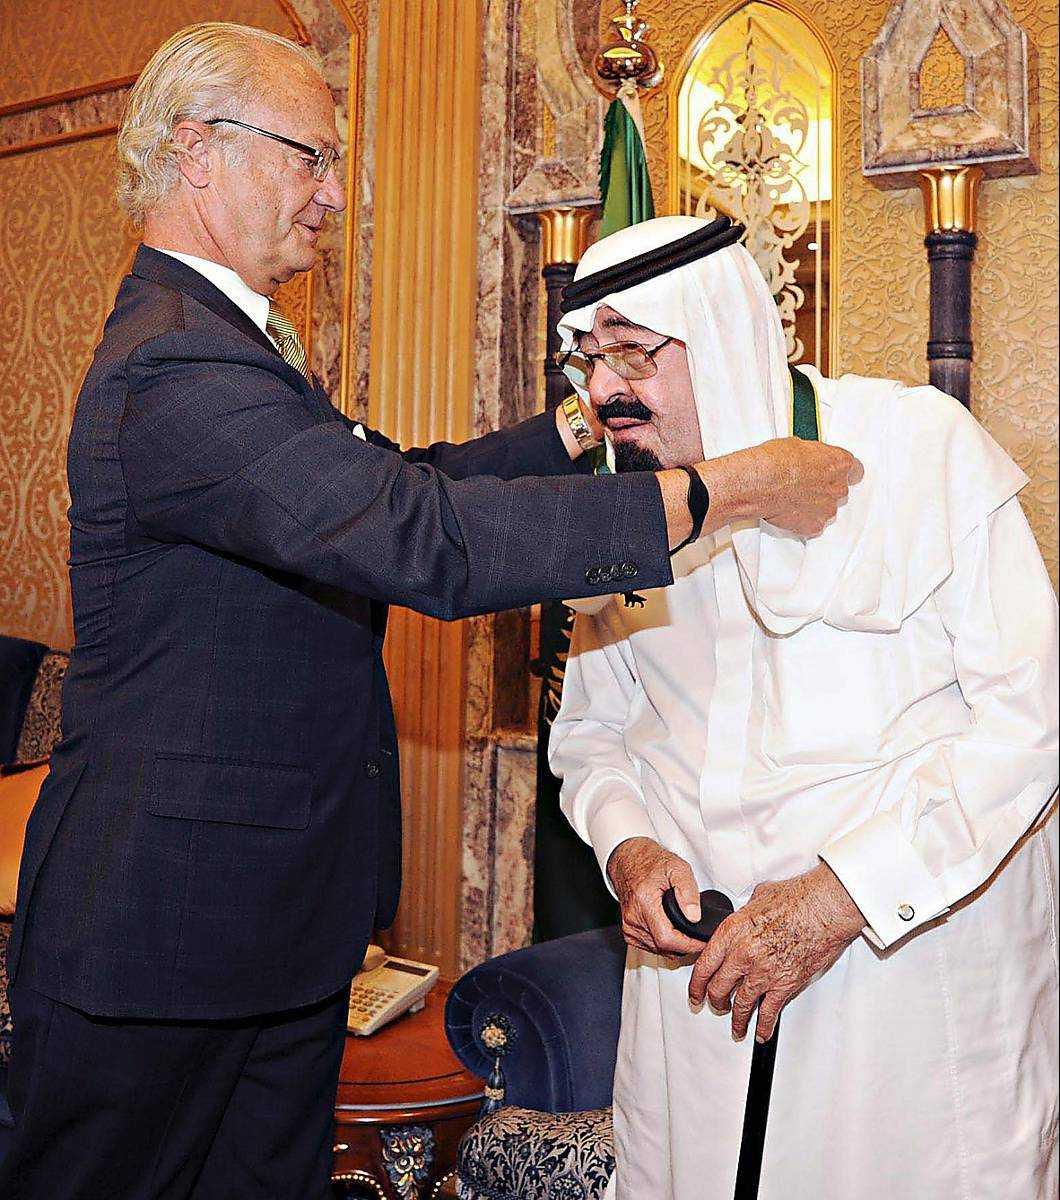 Kung Carl XVI Gustaf hedrade Saudiarabiens kung Abdullah med förtjänsttecknet Bronsvargen i form av en medalj förra hösten.